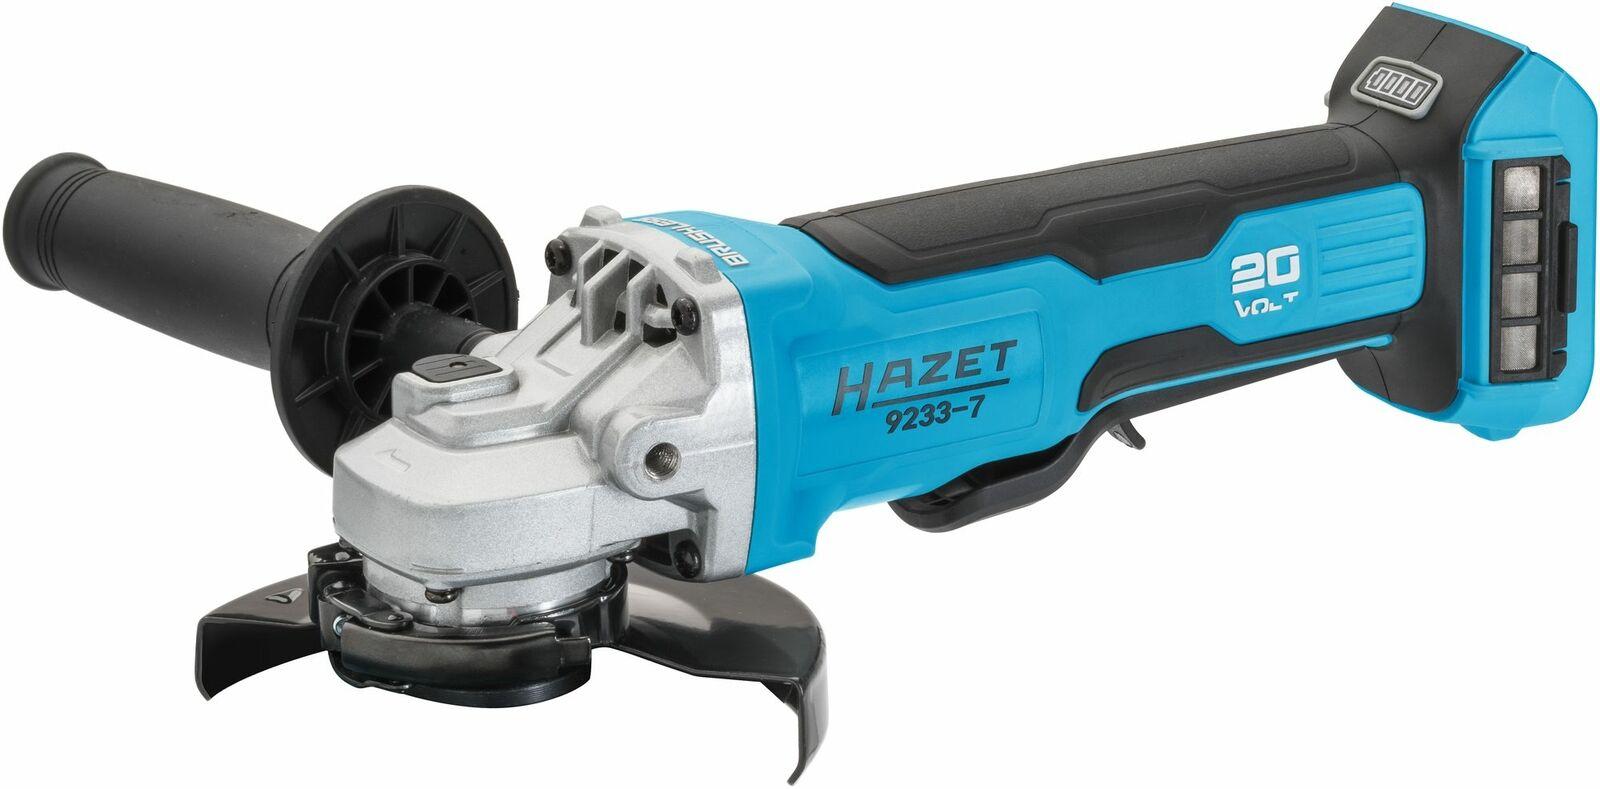 HAZET Cordless right-angle grinder, basic unit 9233-010